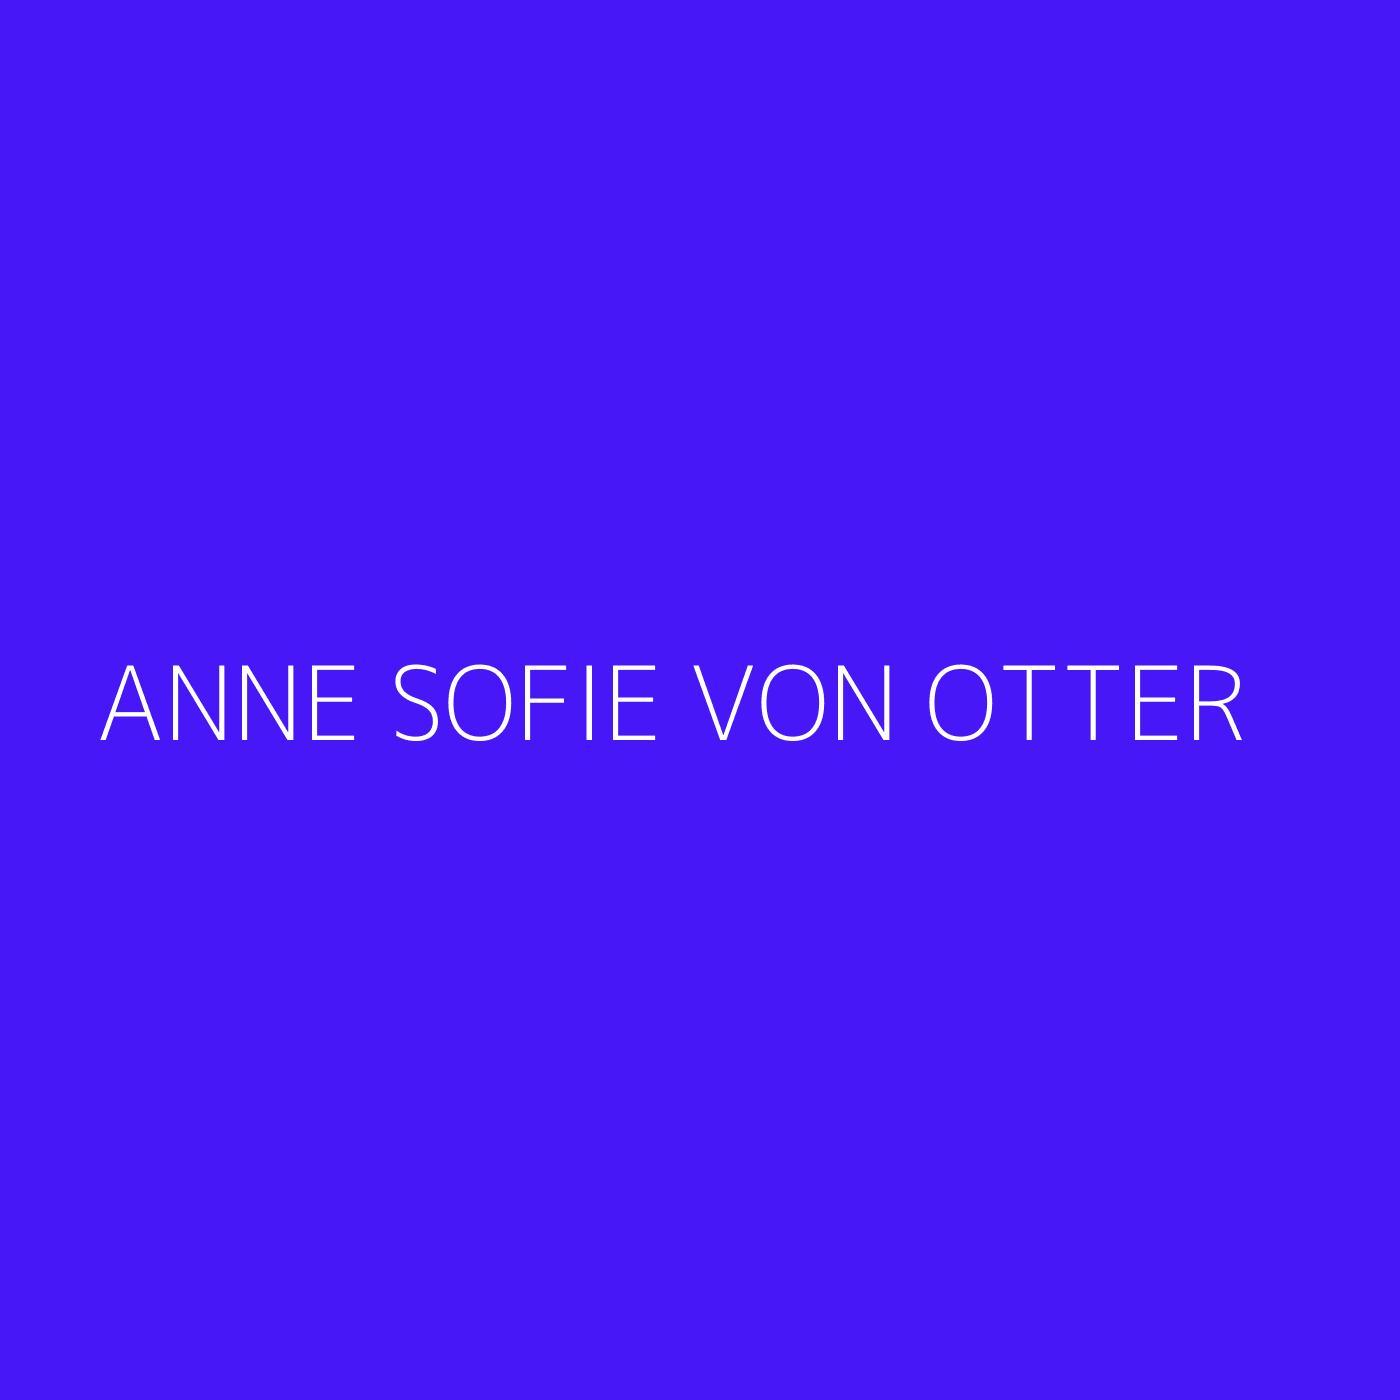 Anne Sofie von Otter Playlist Artwork